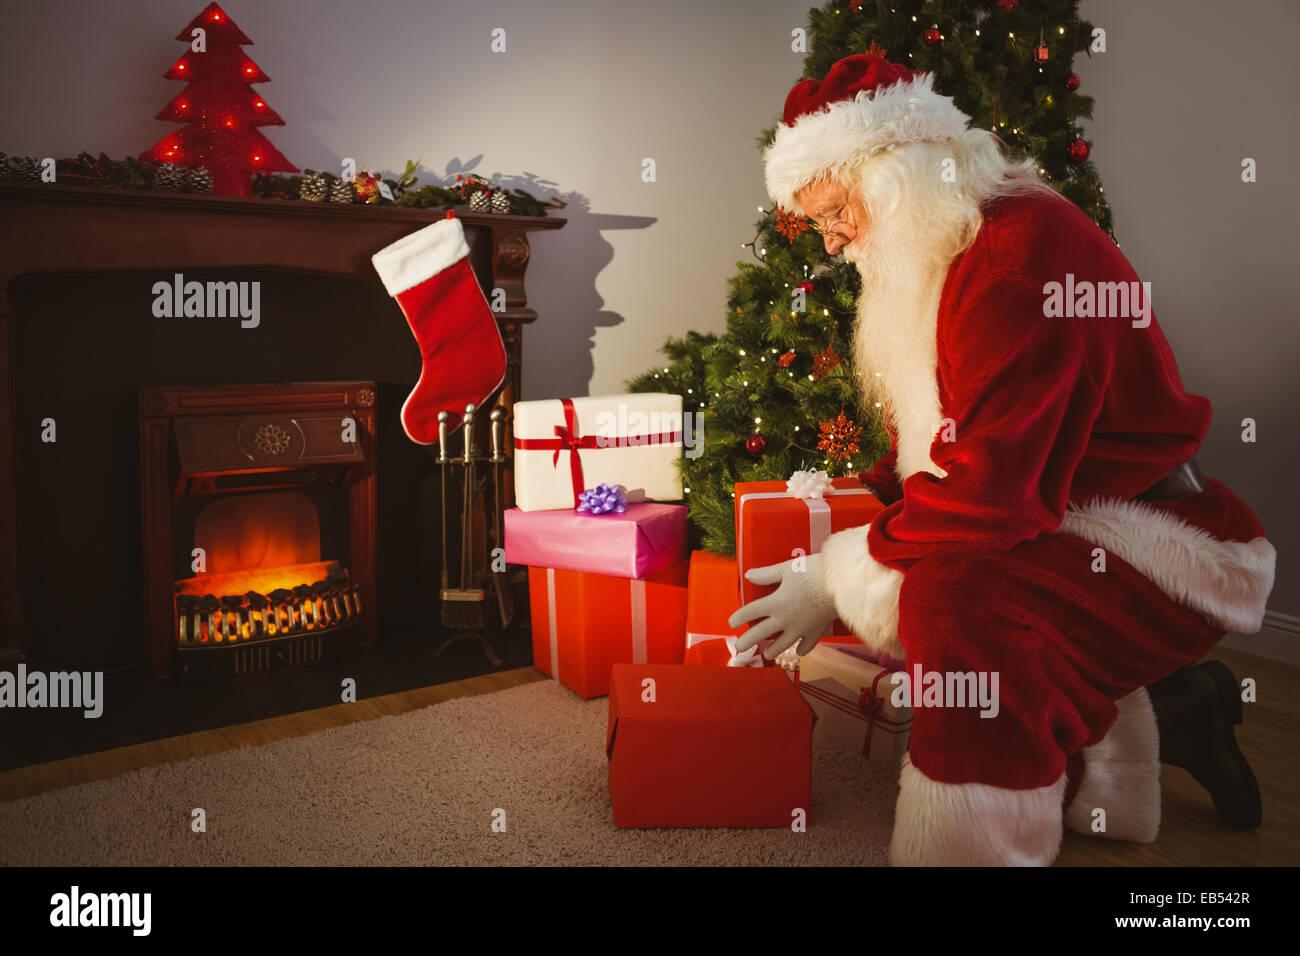 santa claus delivering gifts at christmas eve - Santa Claus Gifts